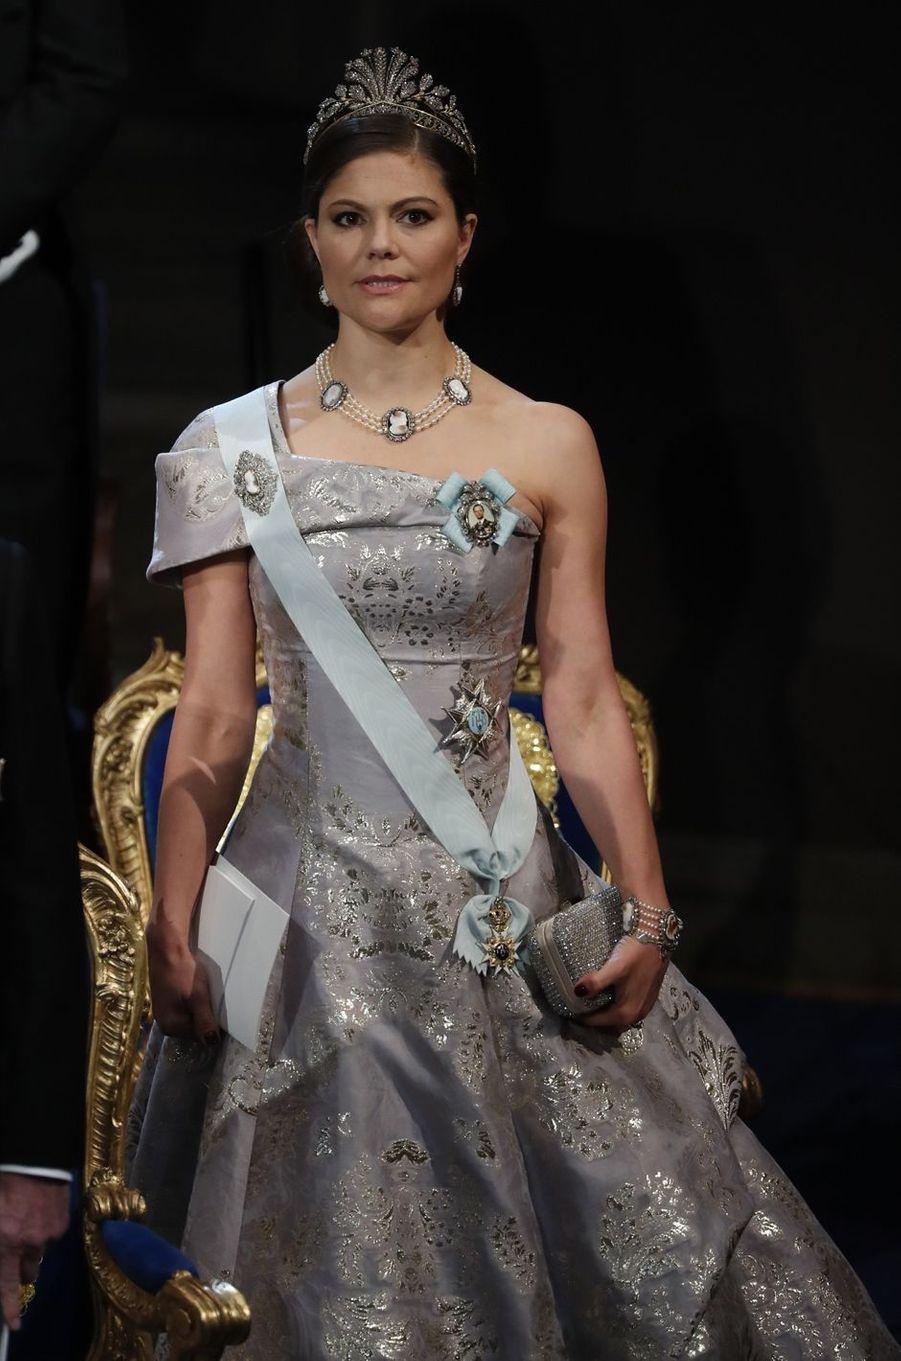 La princesse Victoria de Suède à la cérémonie de remise des prix Nobel à Stockholm, le 10 décembre 2016